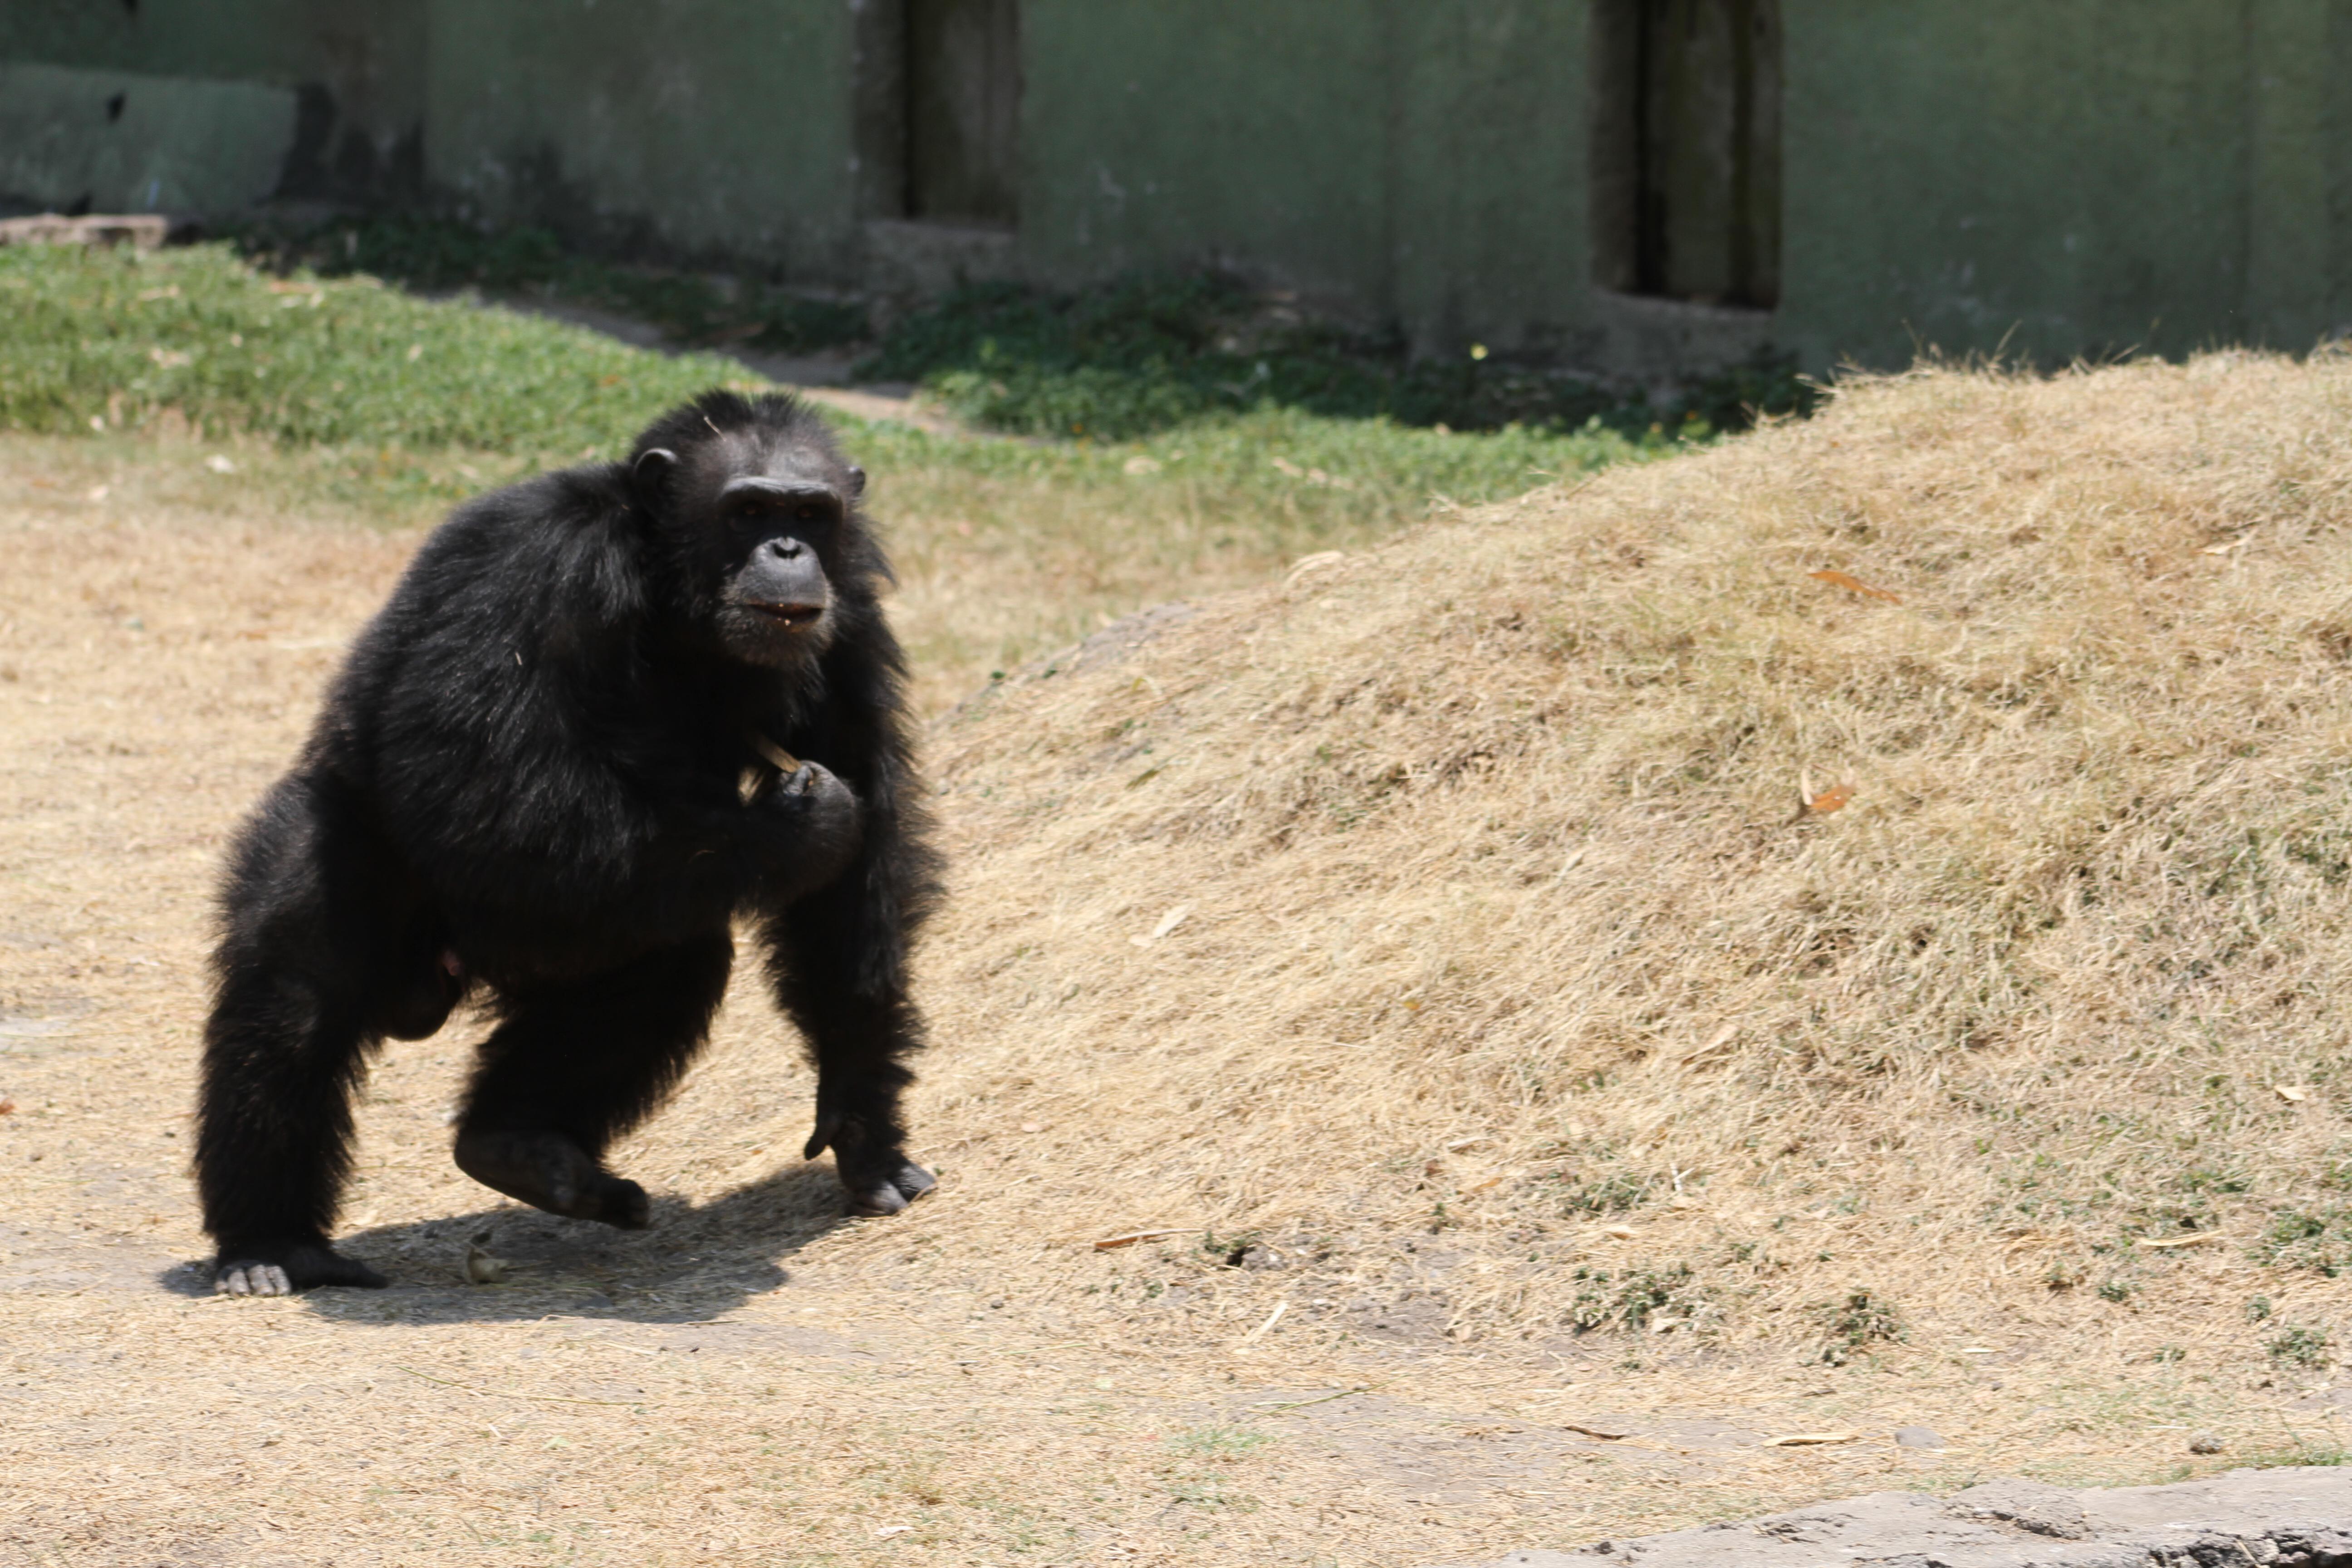 Un chimpancé en Zoofari